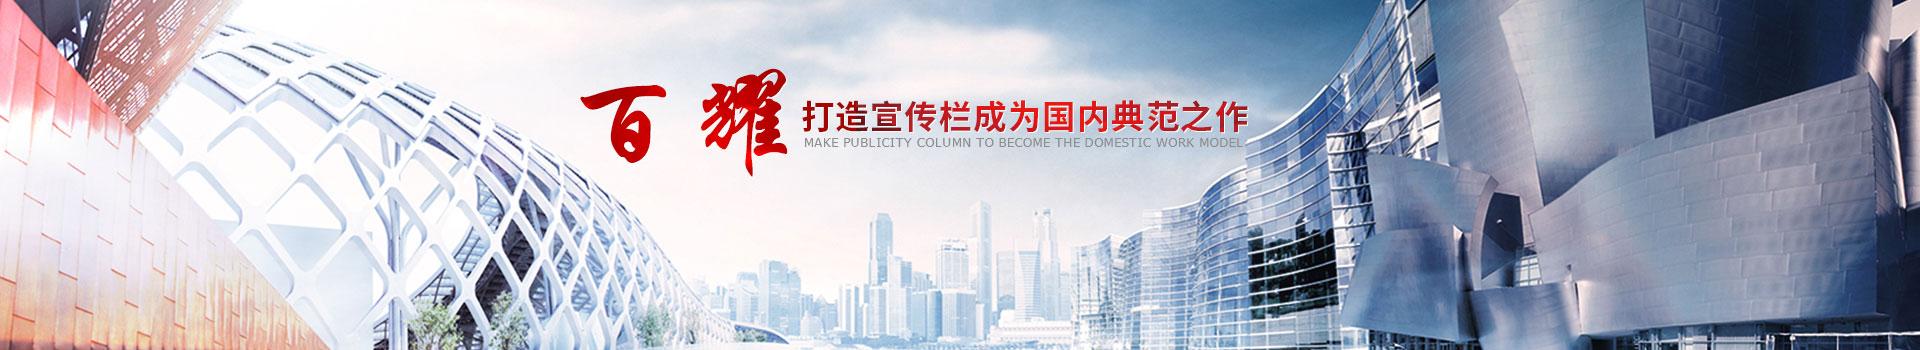 百耀——打造宣传栏成为国内典范之作